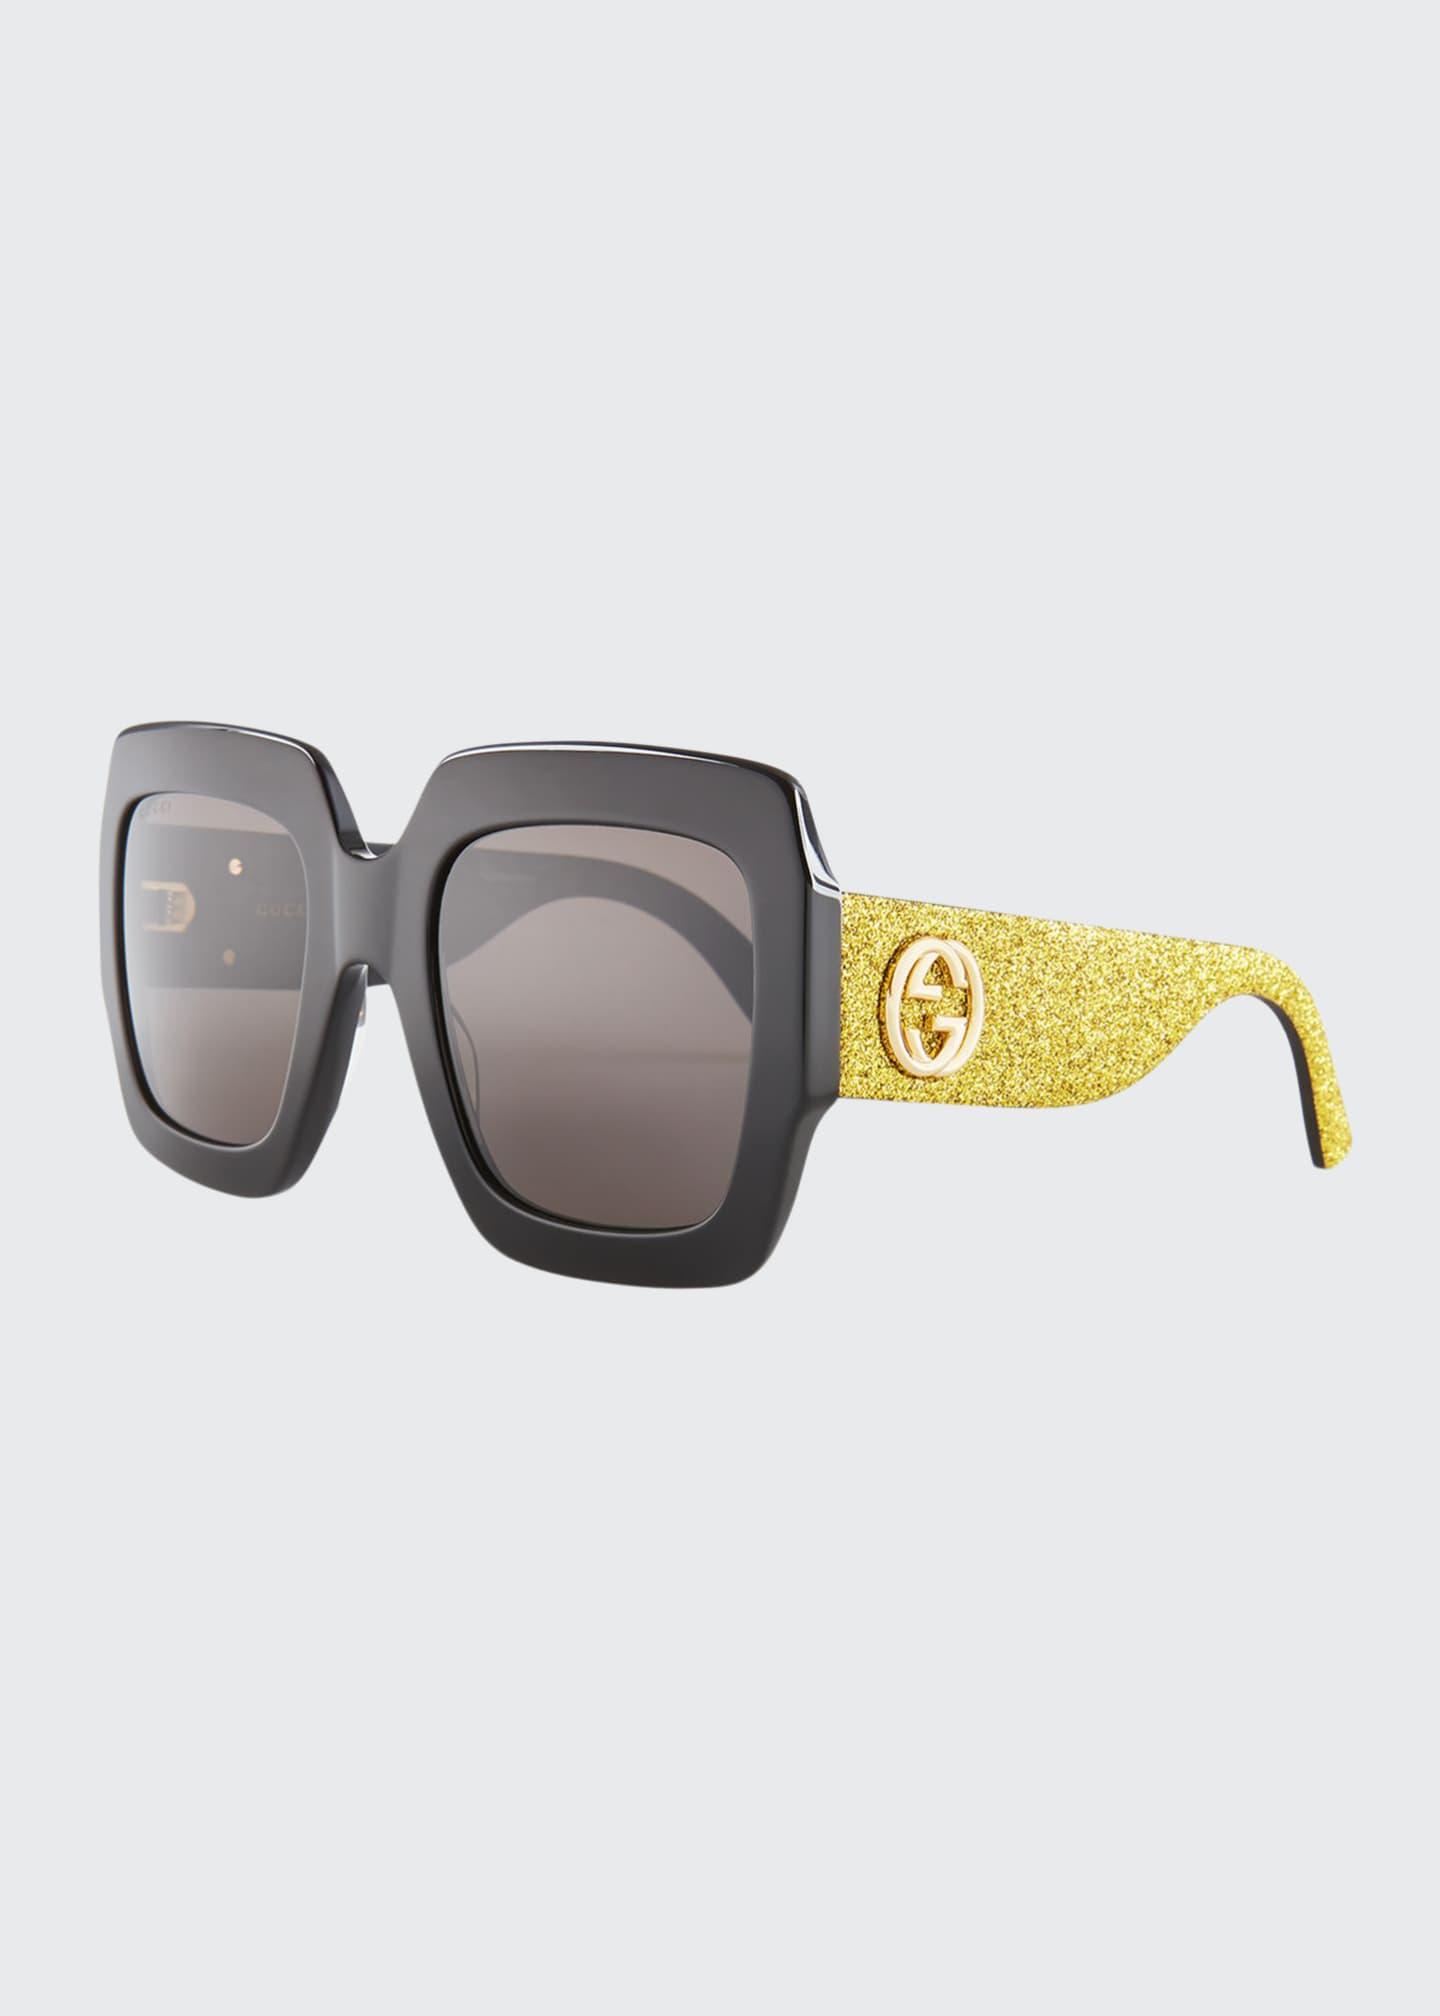 Gucci Glittered Square GG Sunglasses